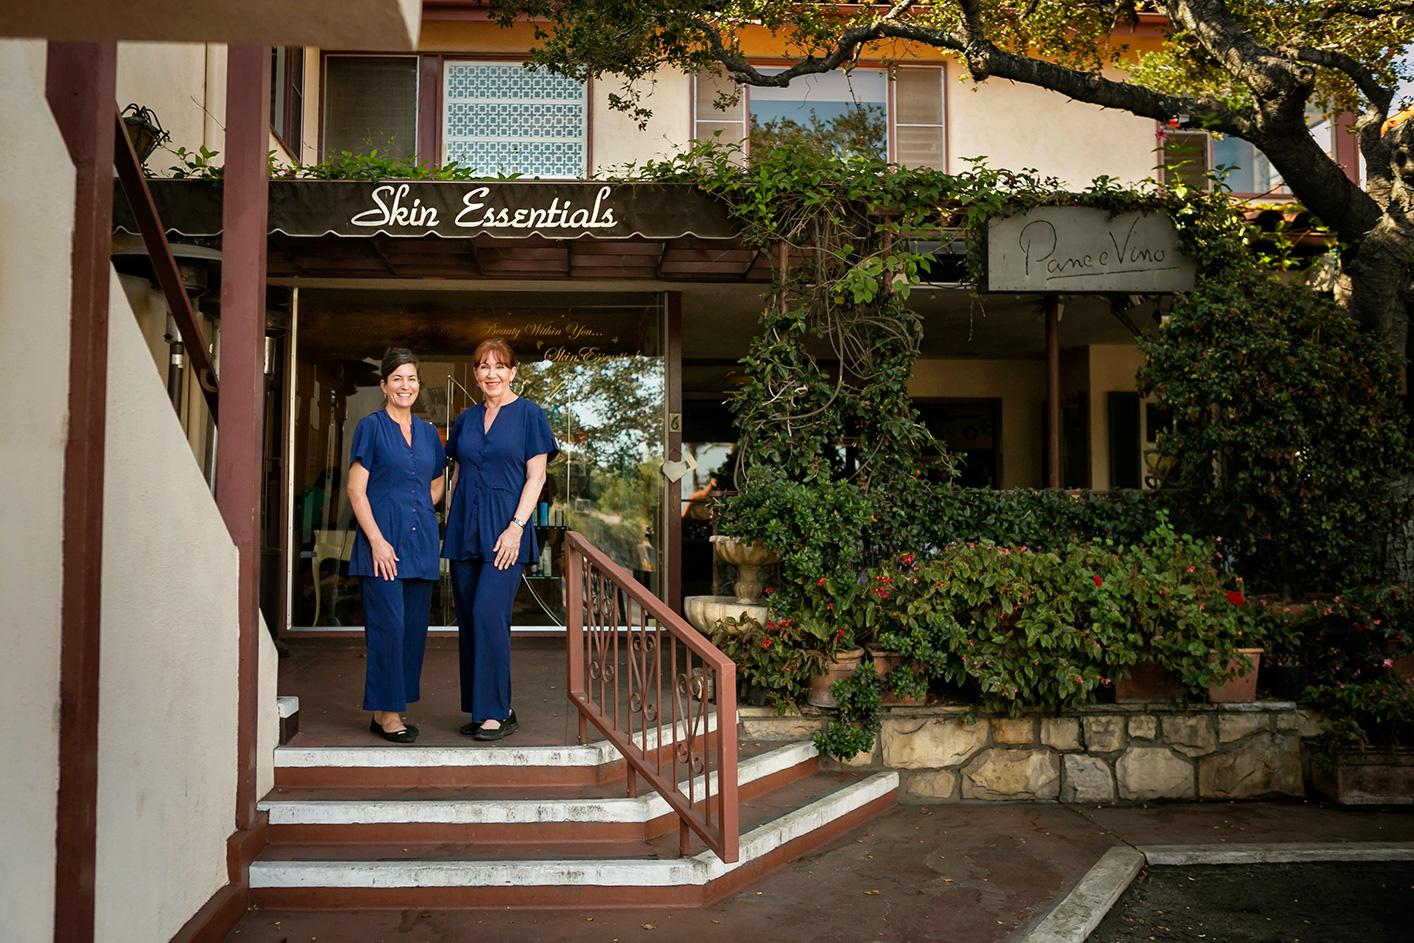 SKin Essentials Montecito store front